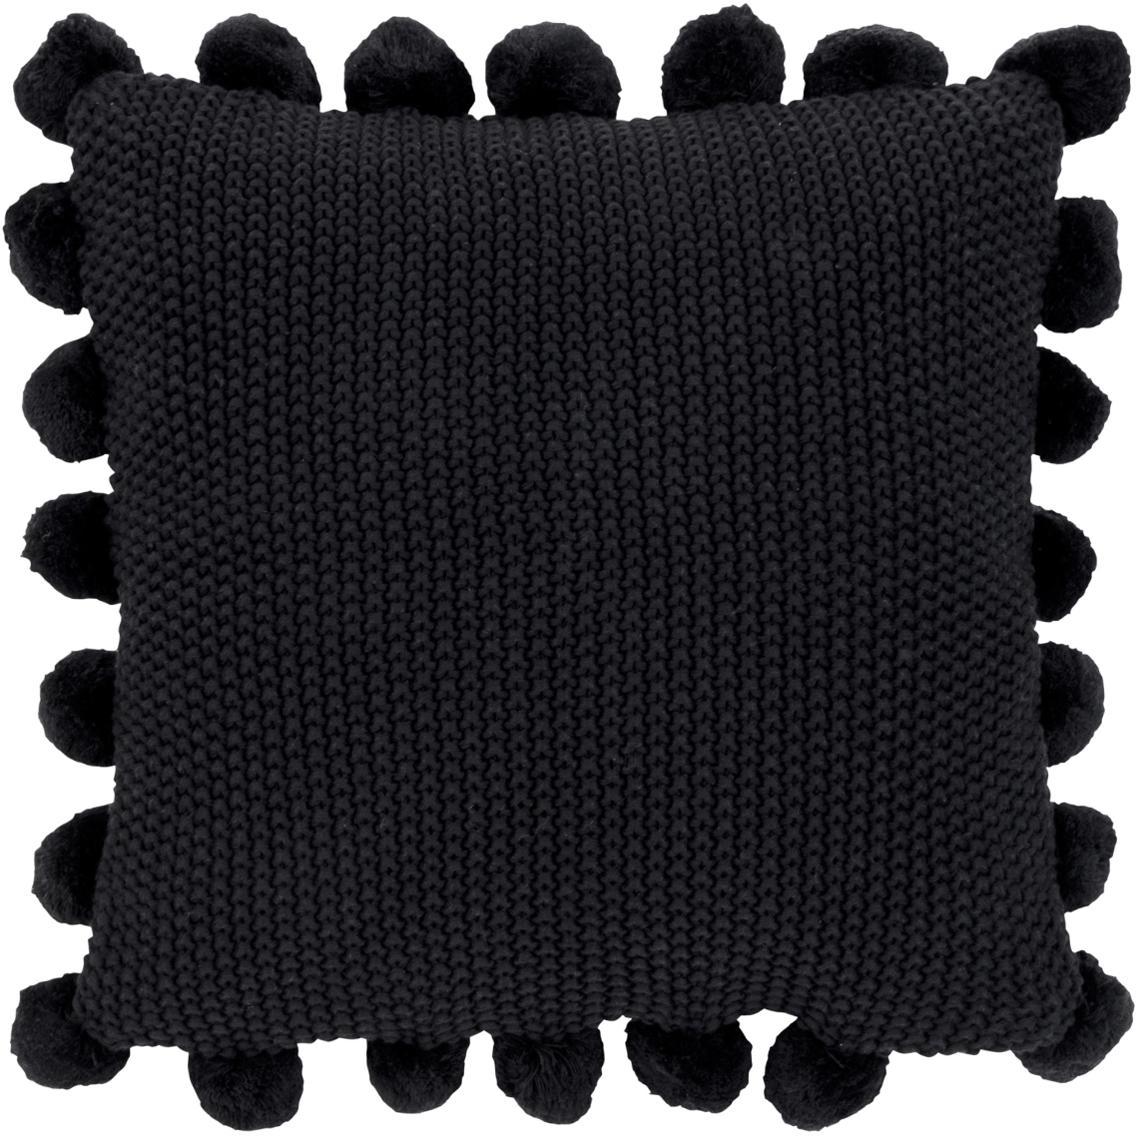 Poszewka na poduszkę ze skóry z dzianiny Molly, 100% bawełna, Czarny, S 40 x D 40 cm